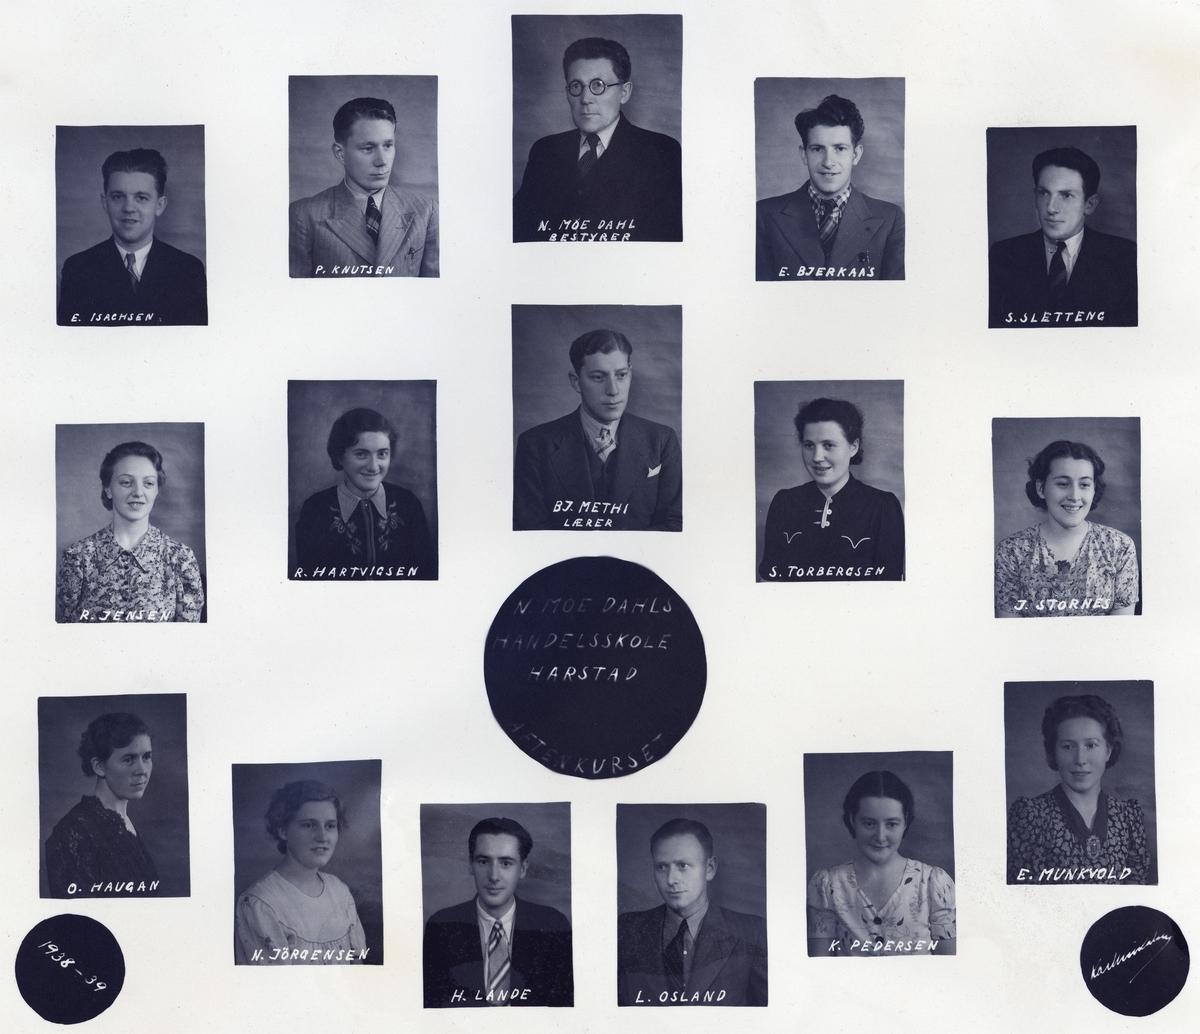 Fotomontasje med portretter av studenter og lærere på N. Moe Dahls Handelsskole.